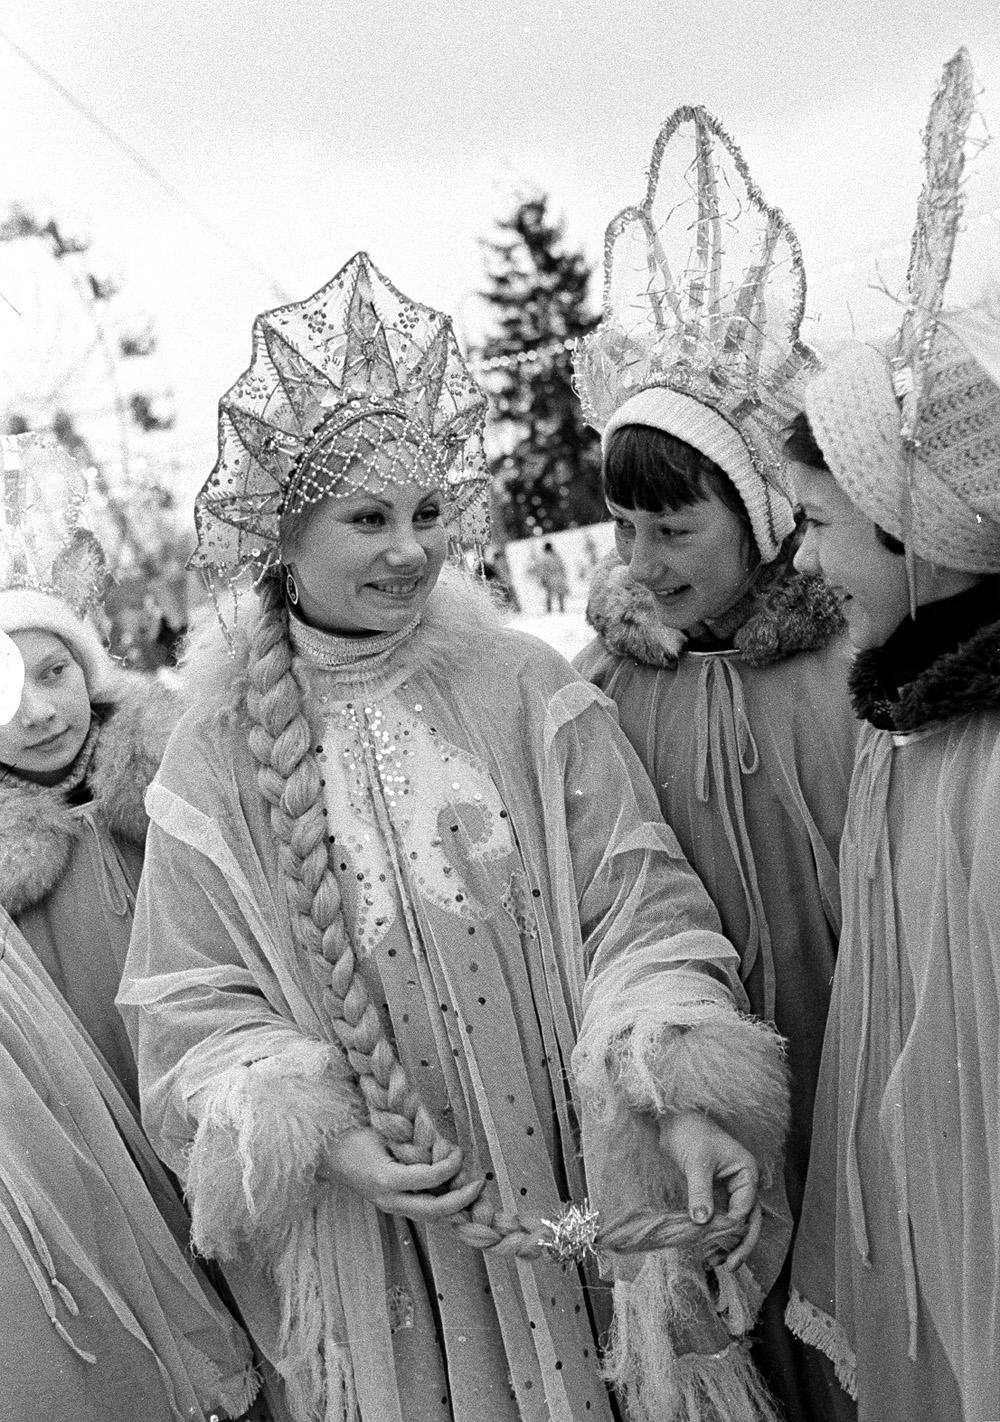 1981. Новогоднее представление Сказ о волшебной стреле и добром сокольничем в Сокольниках. Январь